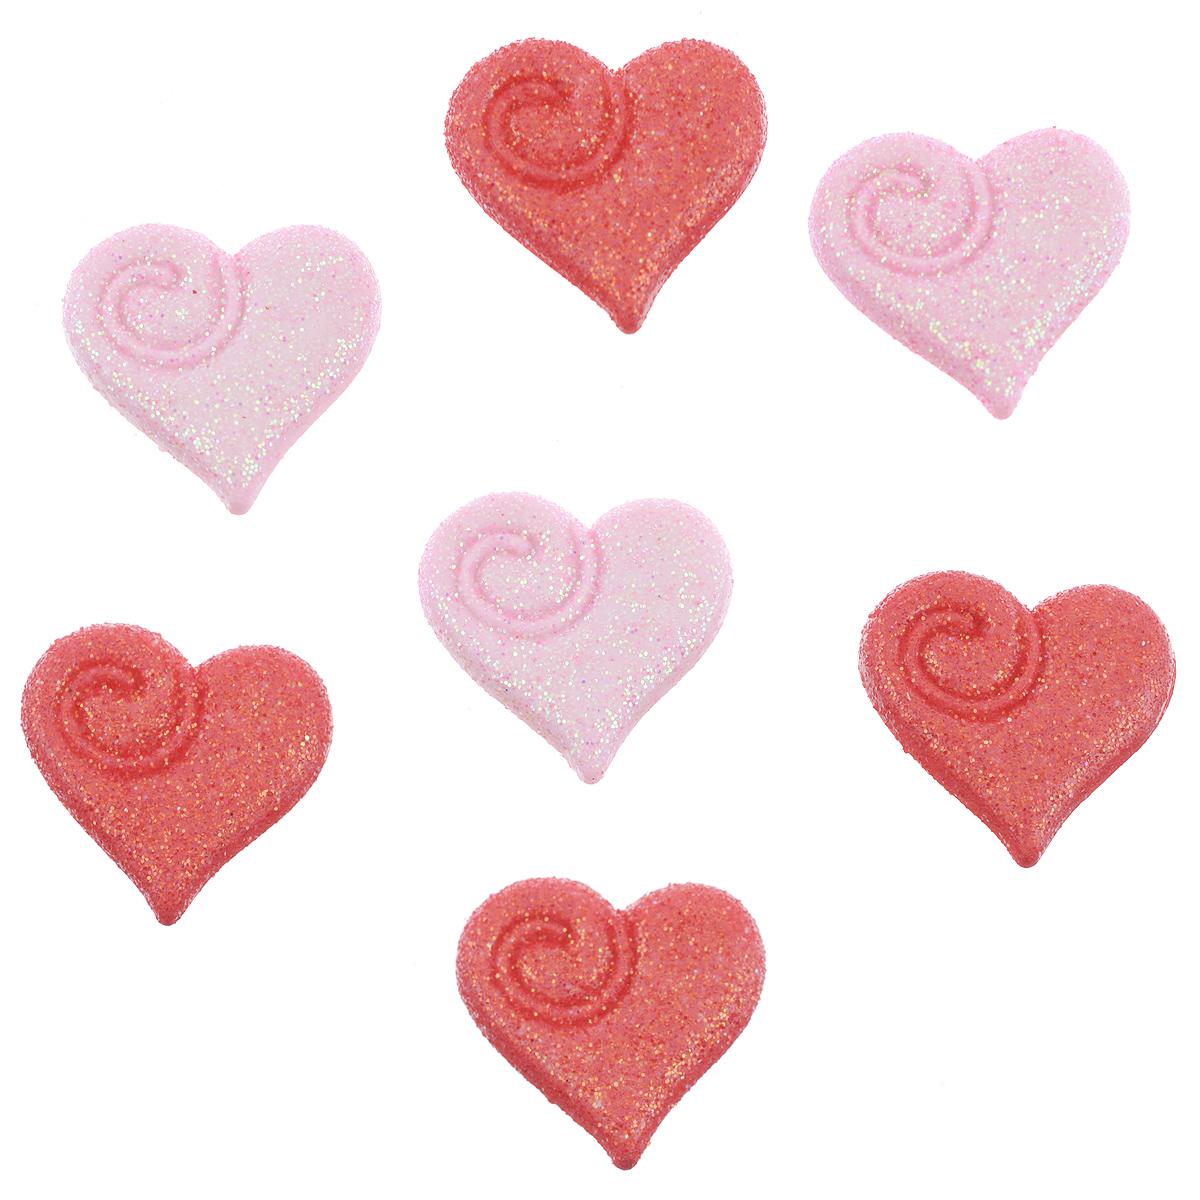 Пуговицы декоративные Buttons Galore & More My Love, 7 шт7708812Набор Buttons Galore & More My Love состоит из 7 декоративных пуговиц. Все элементы выполнены из пластика в виде сердец. Такие пуговицы подходят для любых видов творчества: скрапбукинга, декорирования, шитья, изготовления кукол, а также для оформления одежды. С их помощью вы сможете украсить открытку, фотографию, альбом, подарок и другие предметы ручной работы. Пуговицы разных цветов имеют оригинальный и яркий дизайн. Размер пуговицы: 2 см х 1,8 см х 0,5 см.